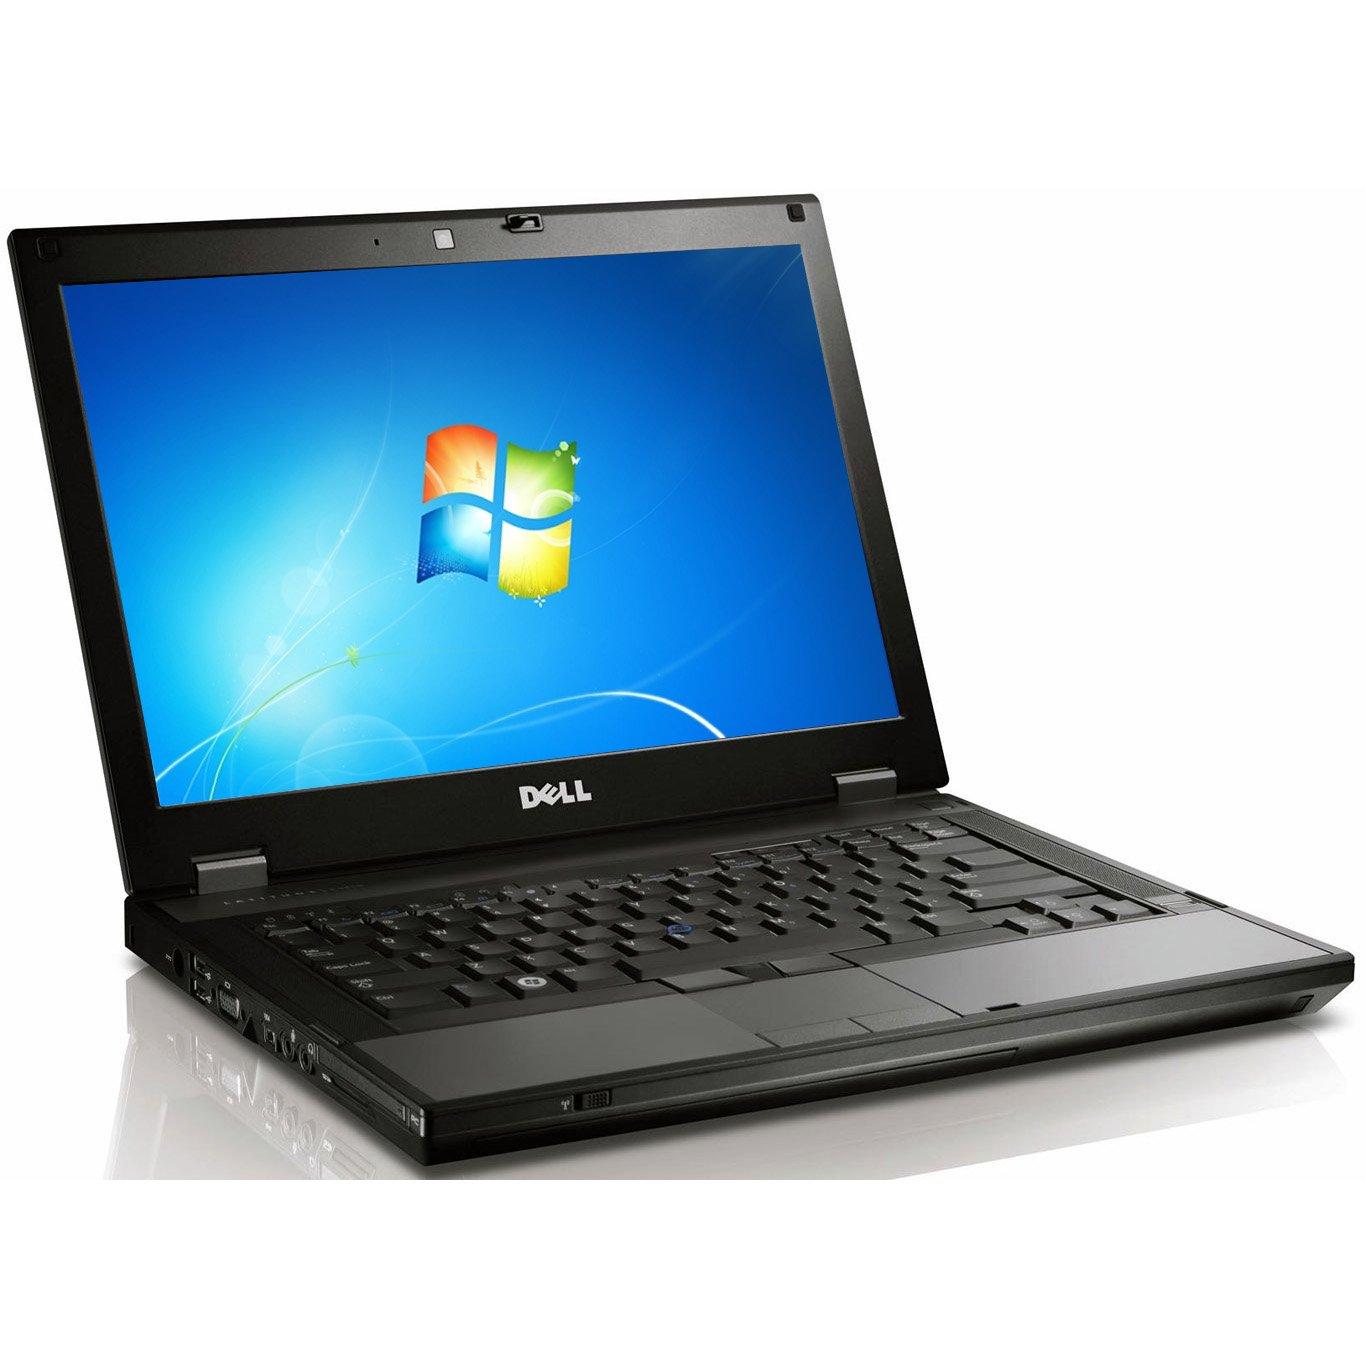 Dell-Latitude-E5410-Intel-Dual-Core-i3-350M-2-26GHz-2GB-160GB-14-1-W7-Laptop